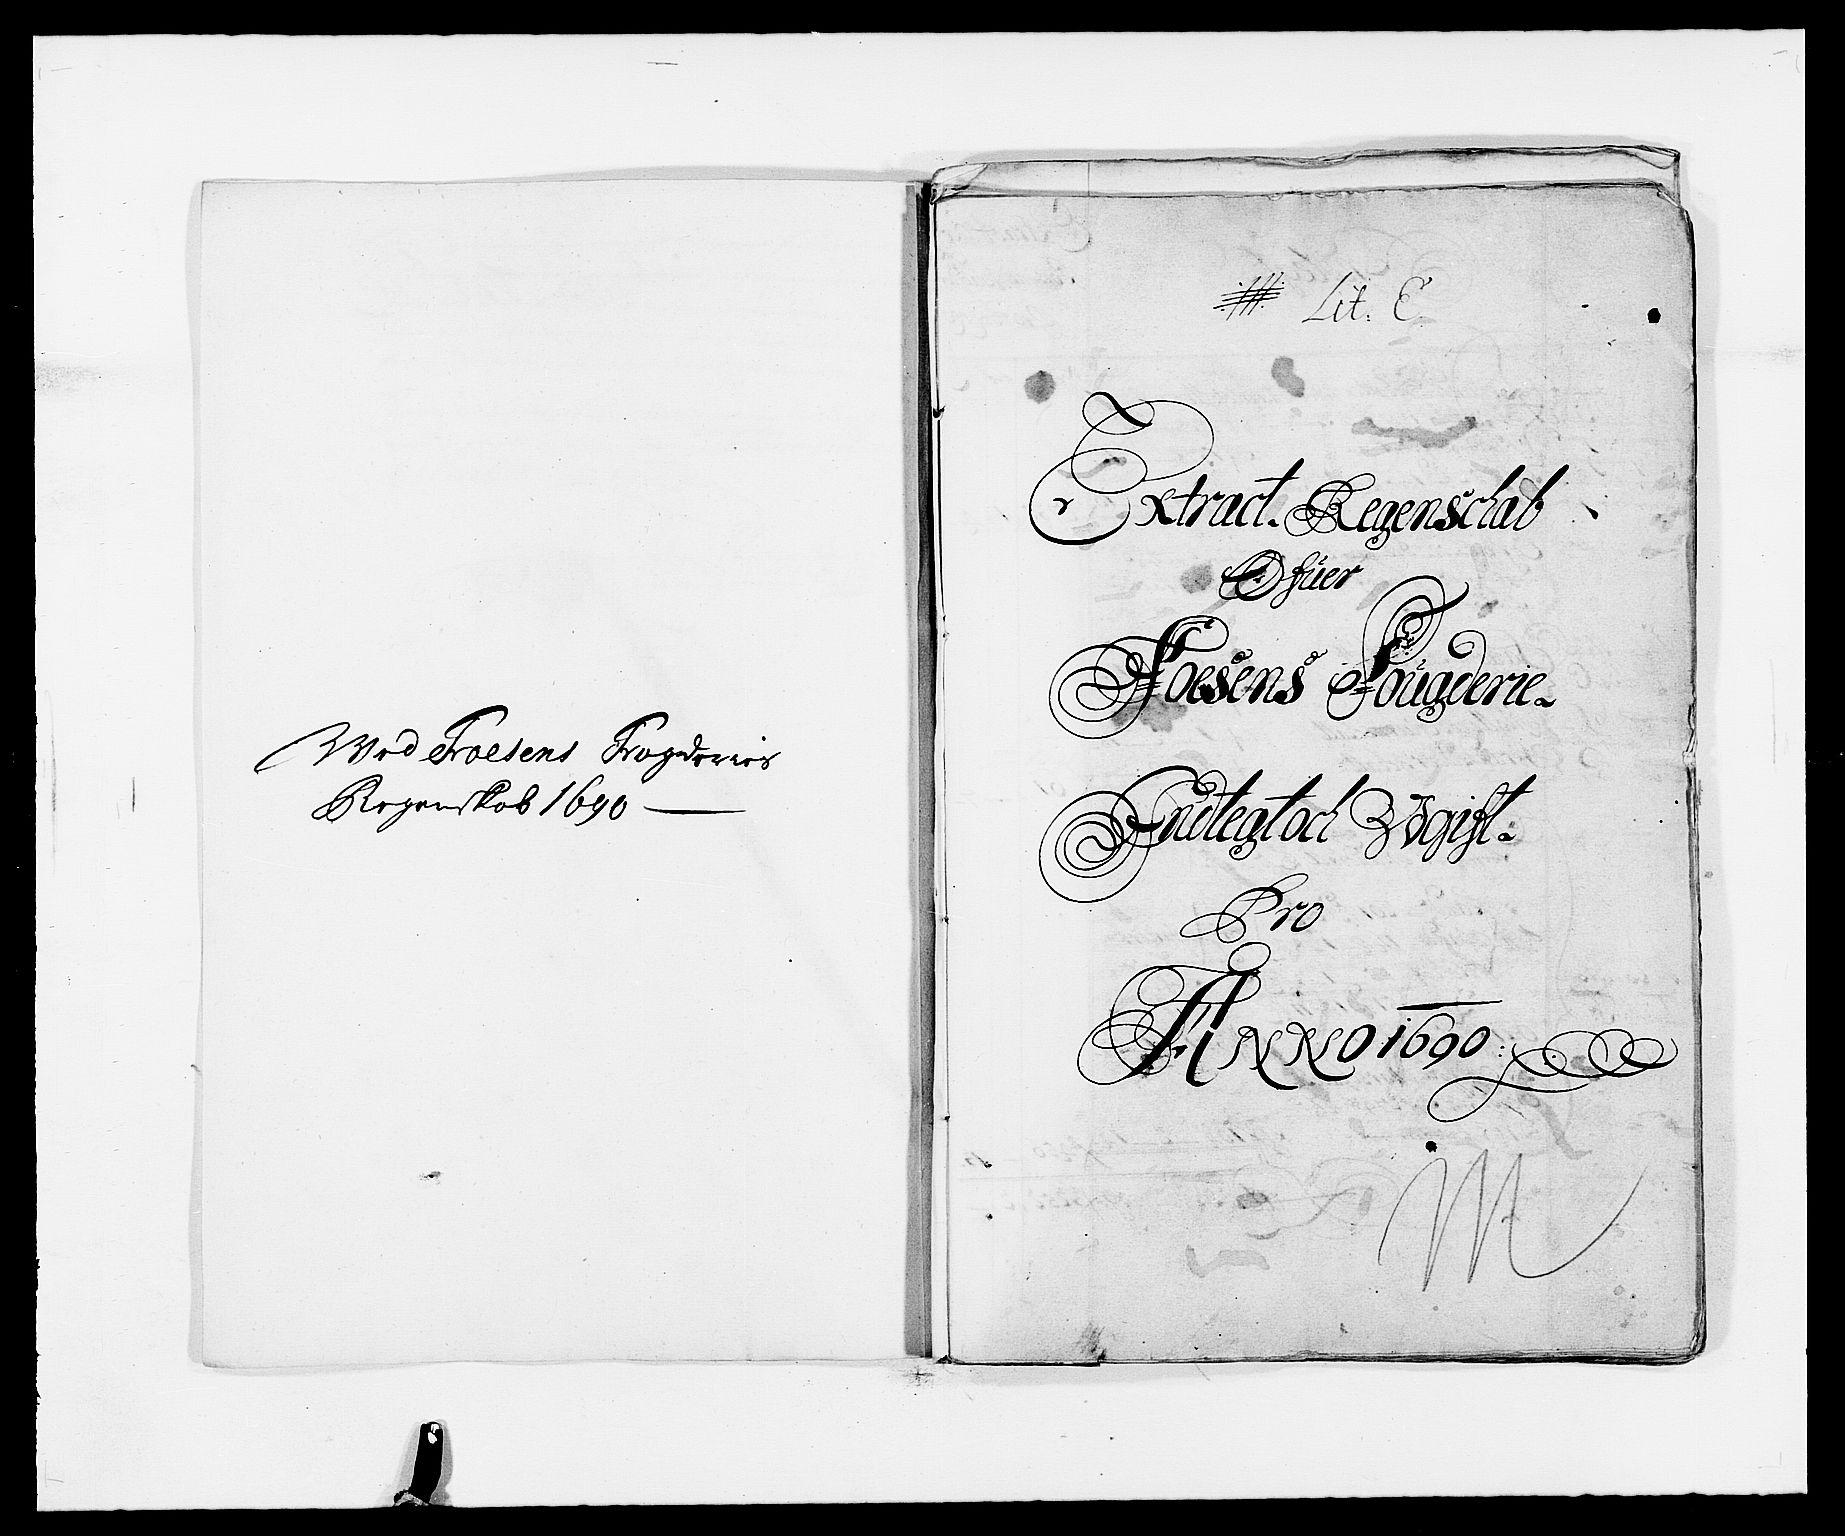 RA, Rentekammeret inntil 1814, Reviderte regnskaper, Fogderegnskap, R57/L3848: Fogderegnskap Fosen, 1690-1691, s. 2